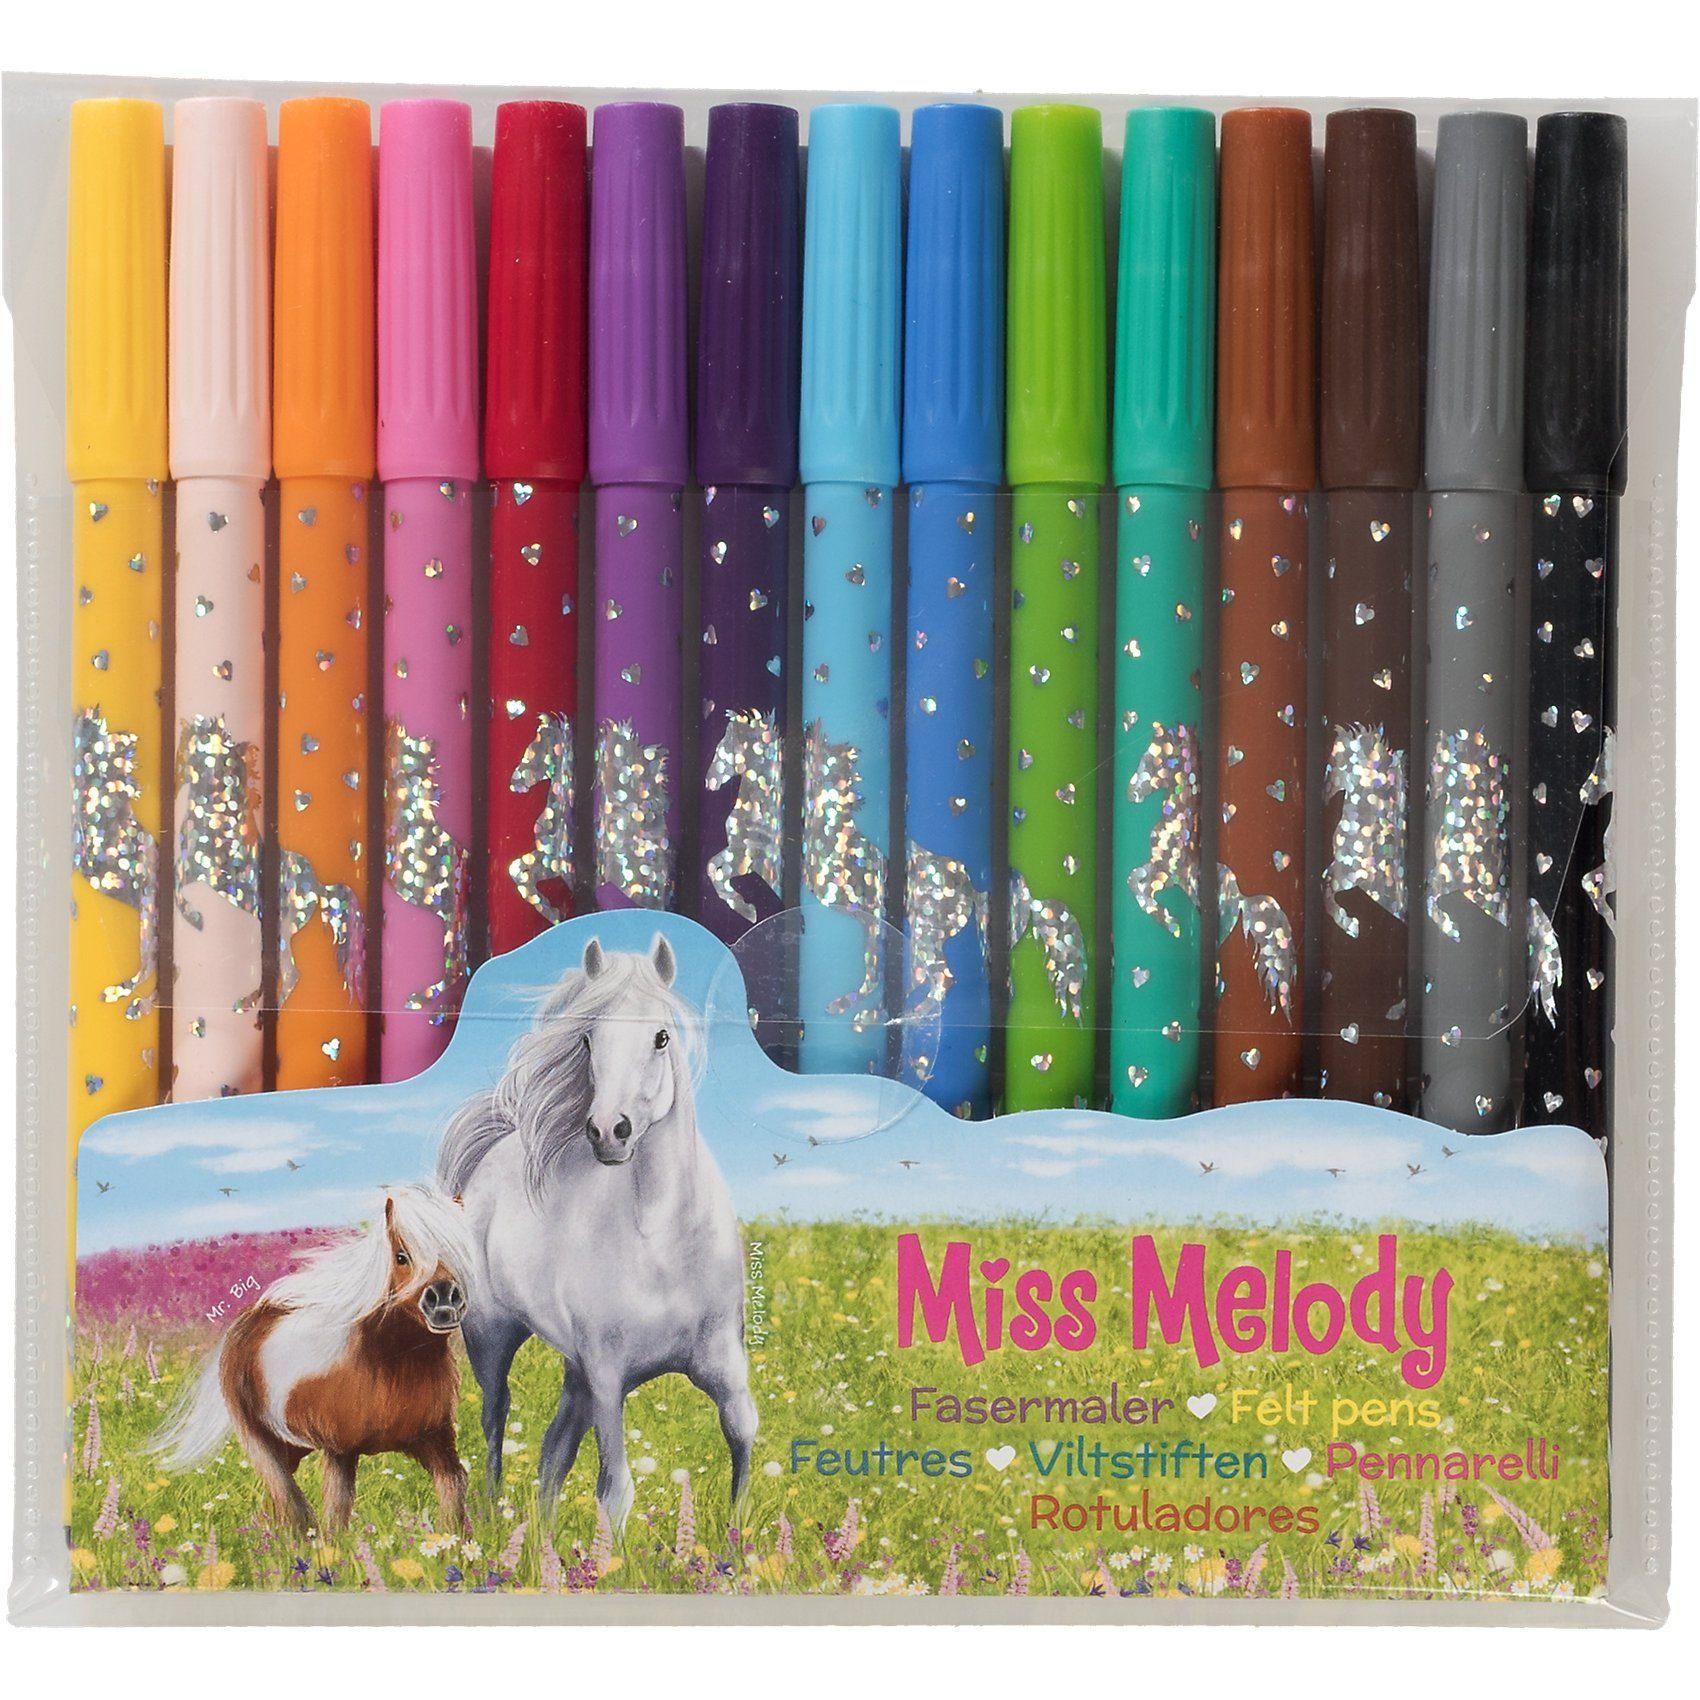 Depesche Fasermaler Miss Melody, 15 Farben